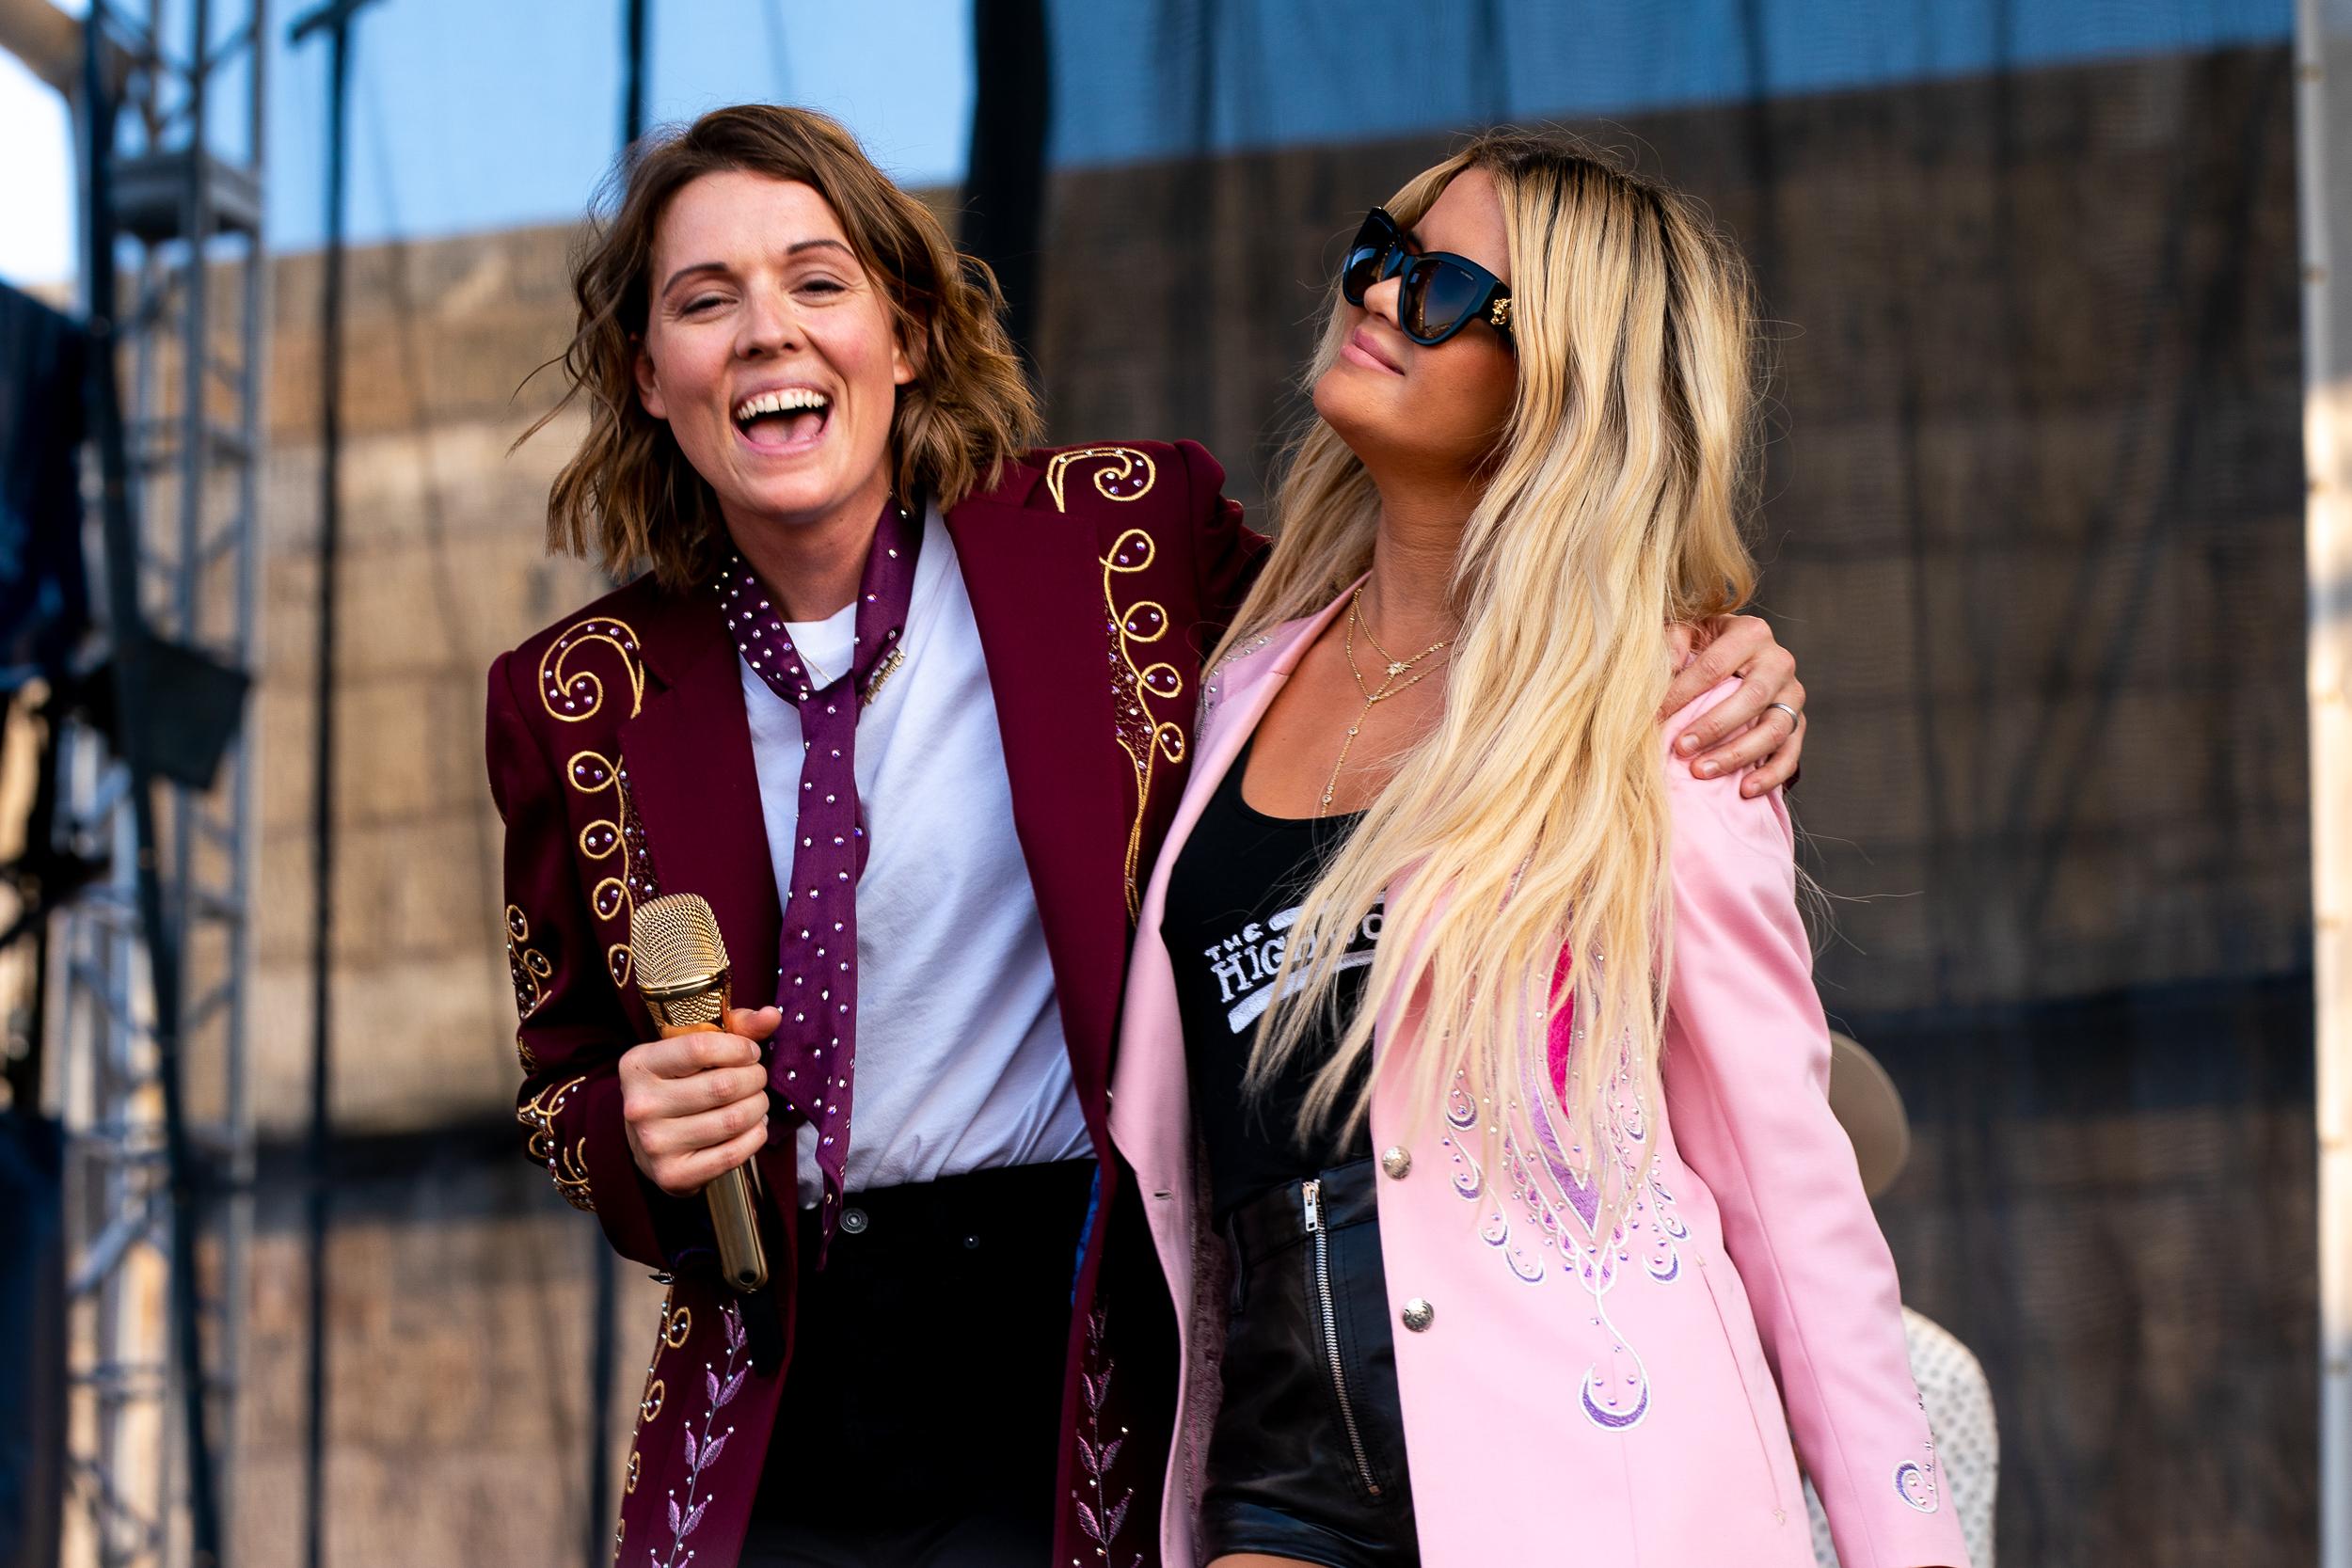 Brandi Carlile and Maren Morris at Newport Folk Festival (Photo by Mauricio Castro)